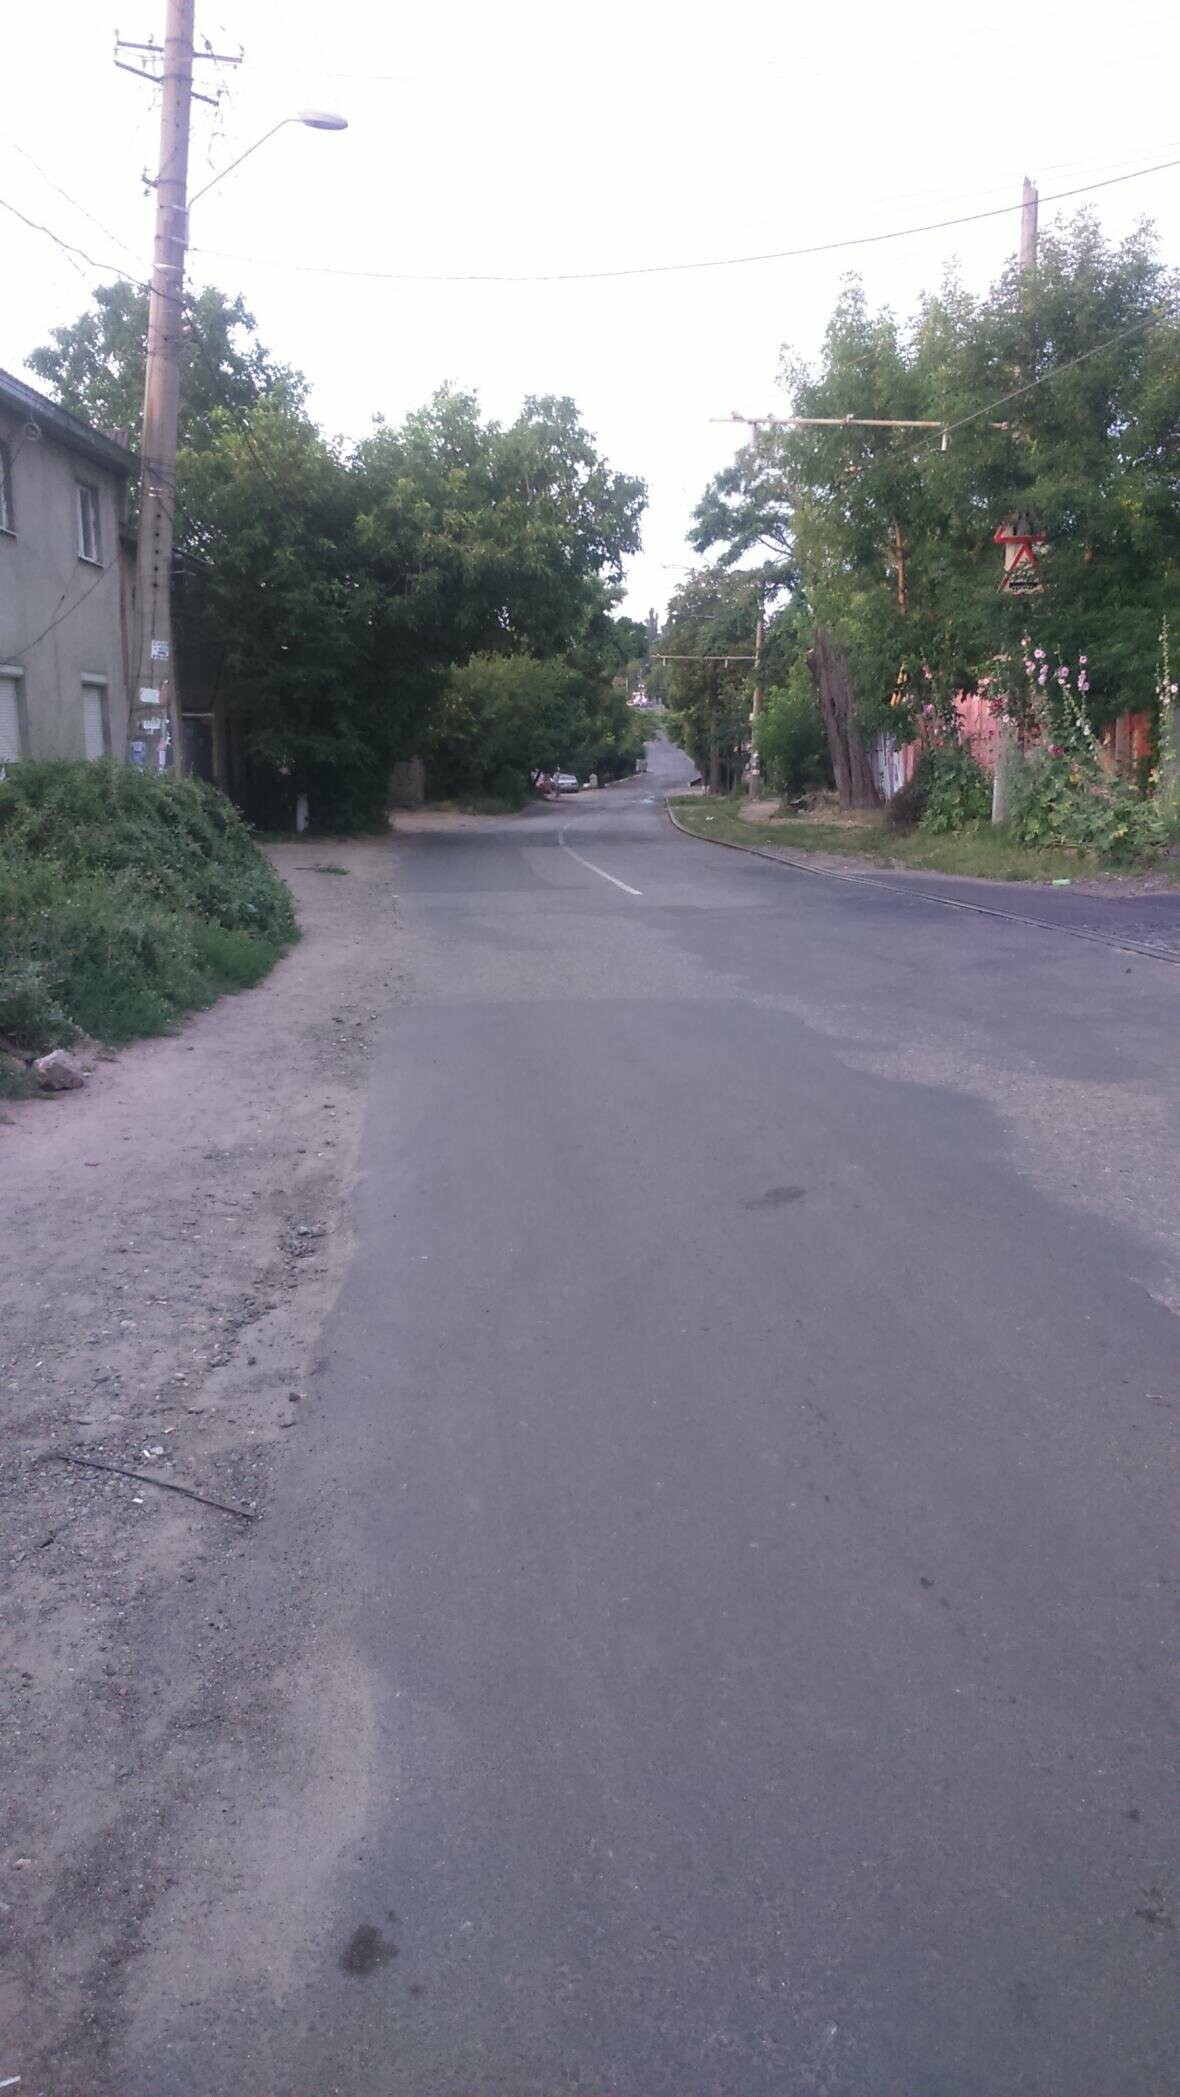 Дорога к морю в Одессе может привести в больницу (ФОТО), фото-2